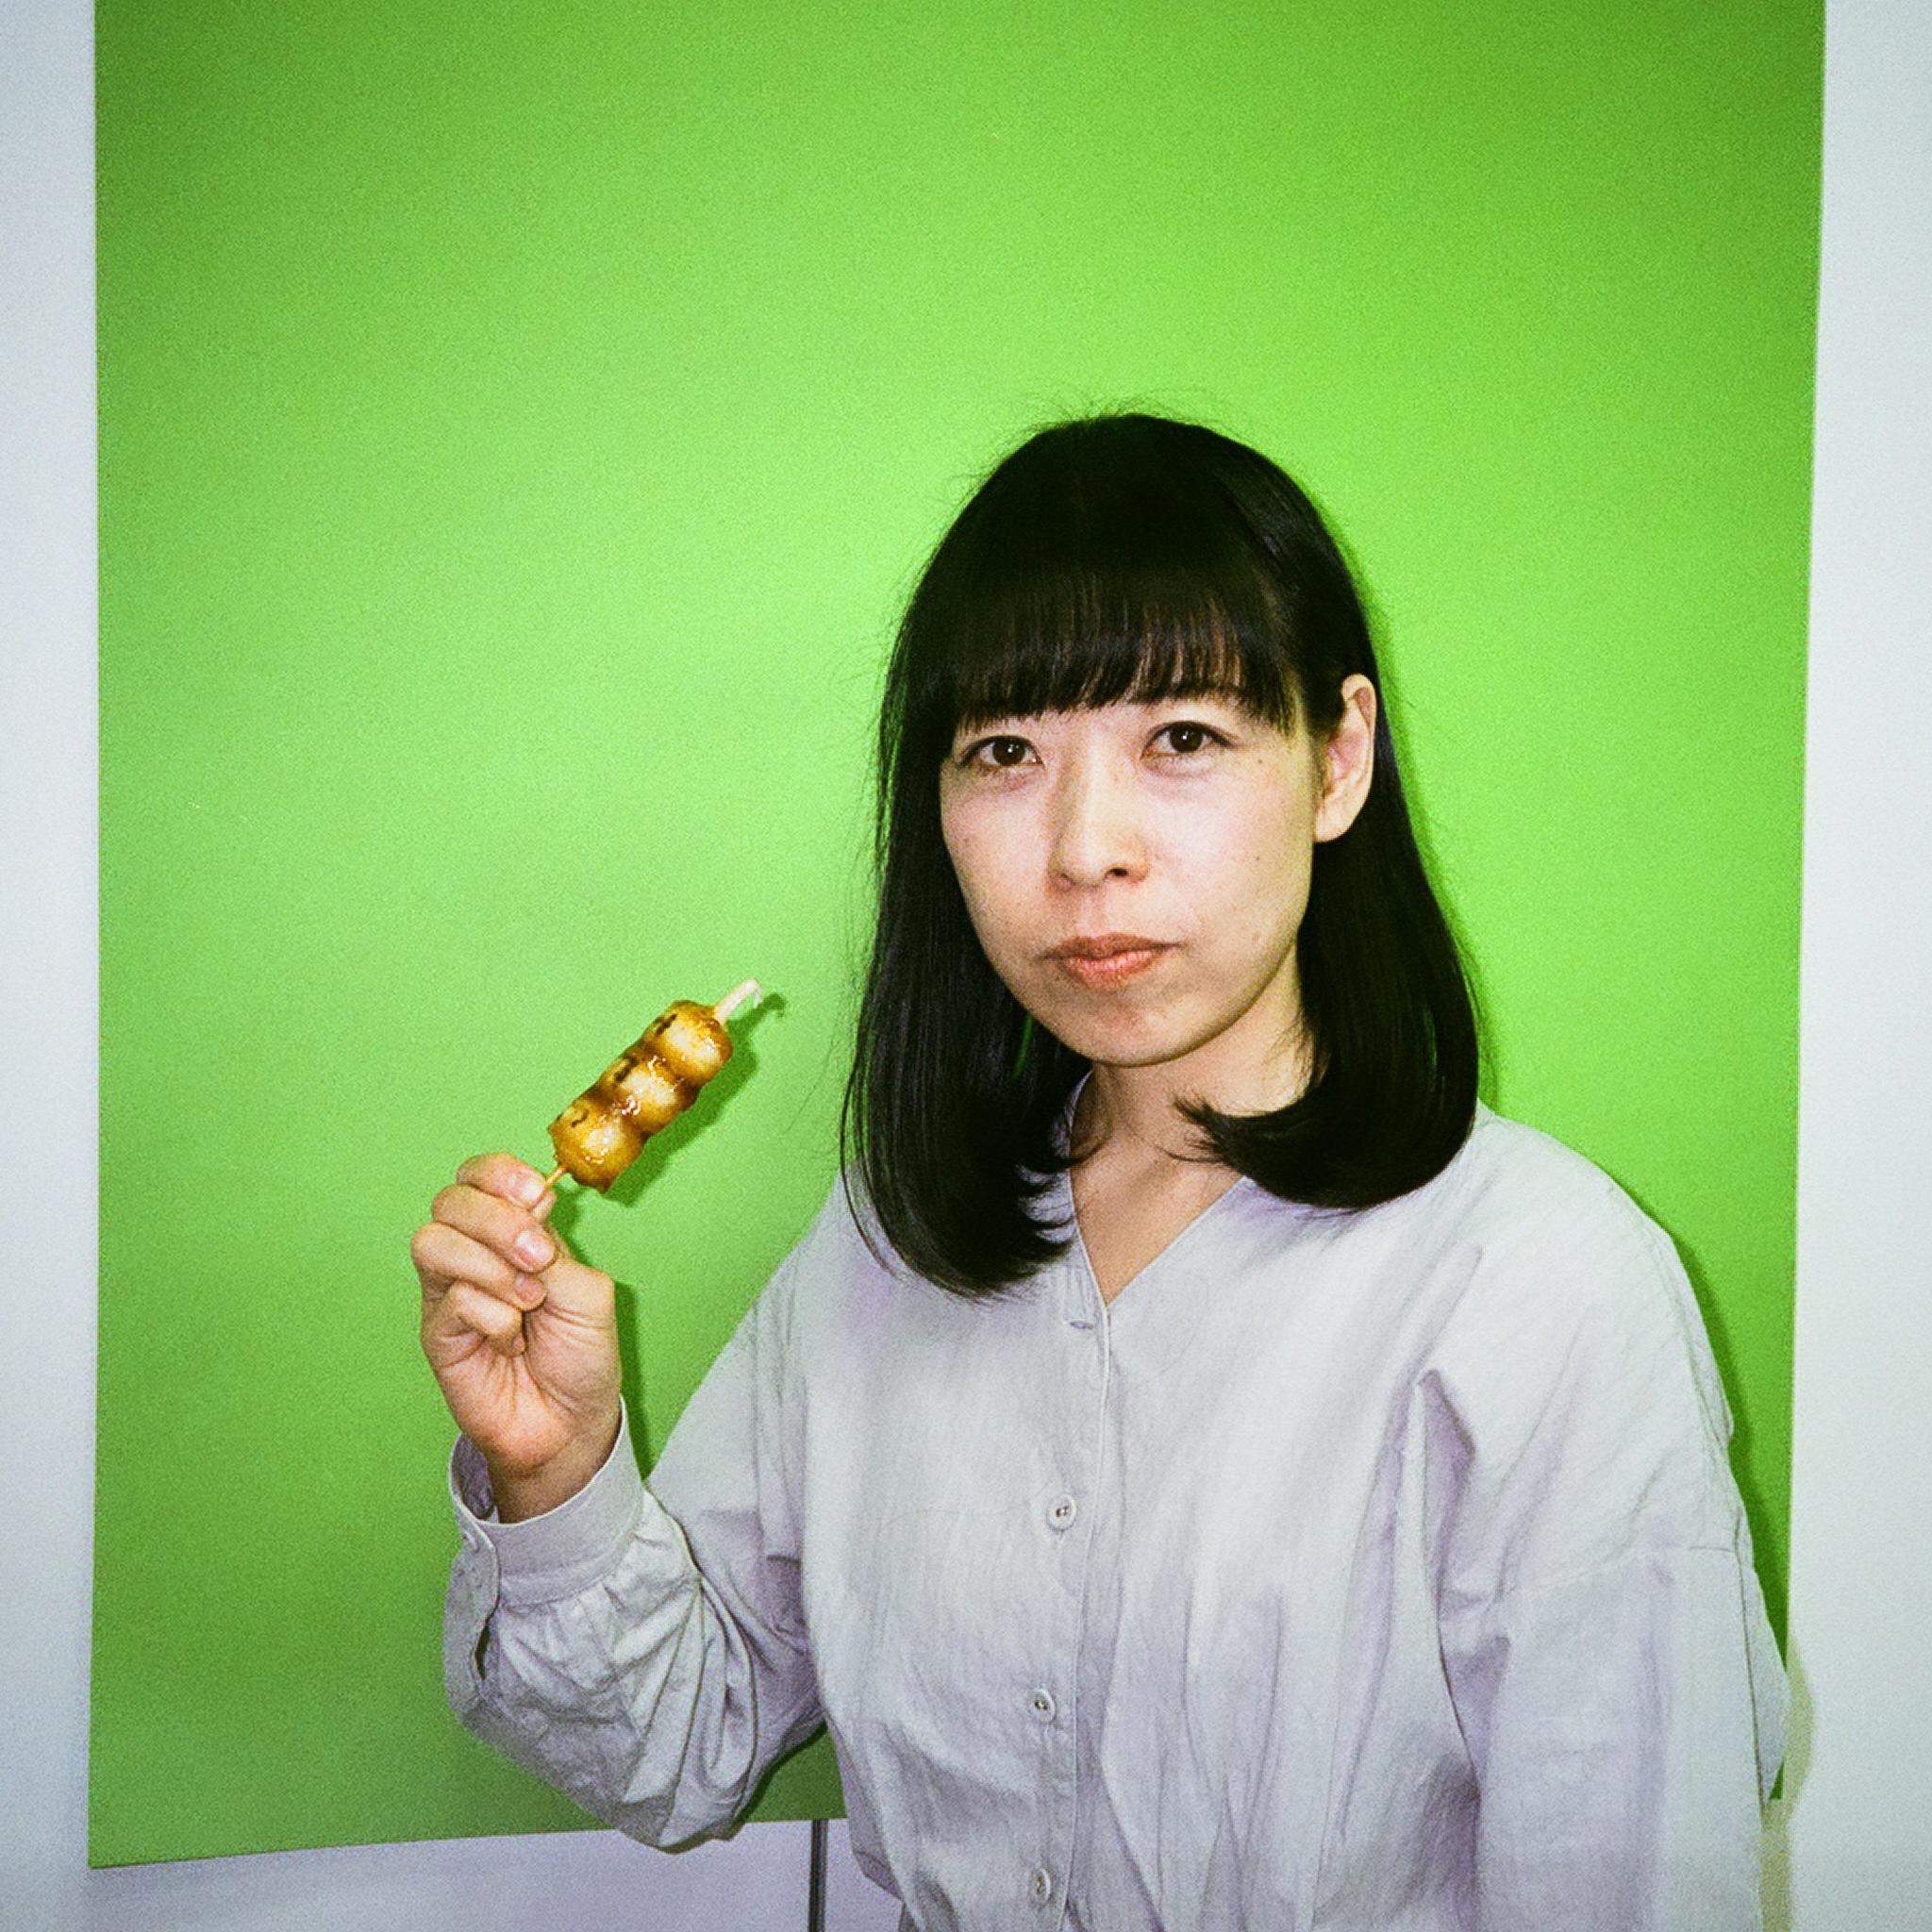 Chikako Koga